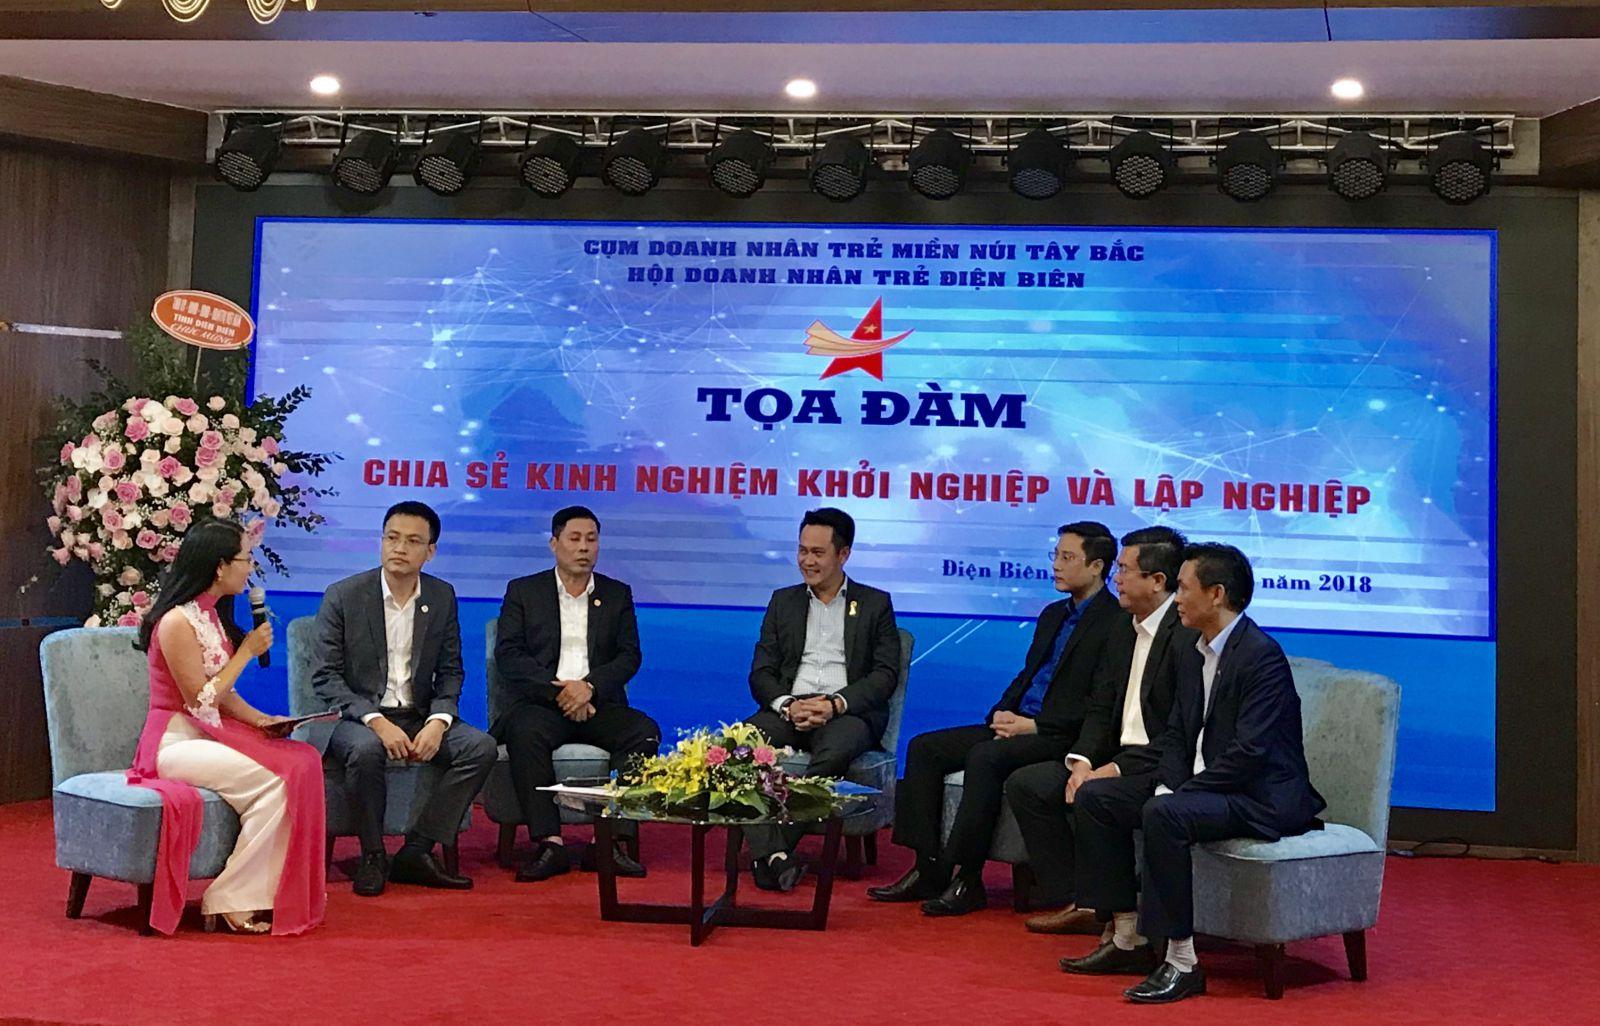 Doanh nhân trẻ Việt Nam chia sẻ kinh nghiệm khởi nghiệp và lập nghiệp